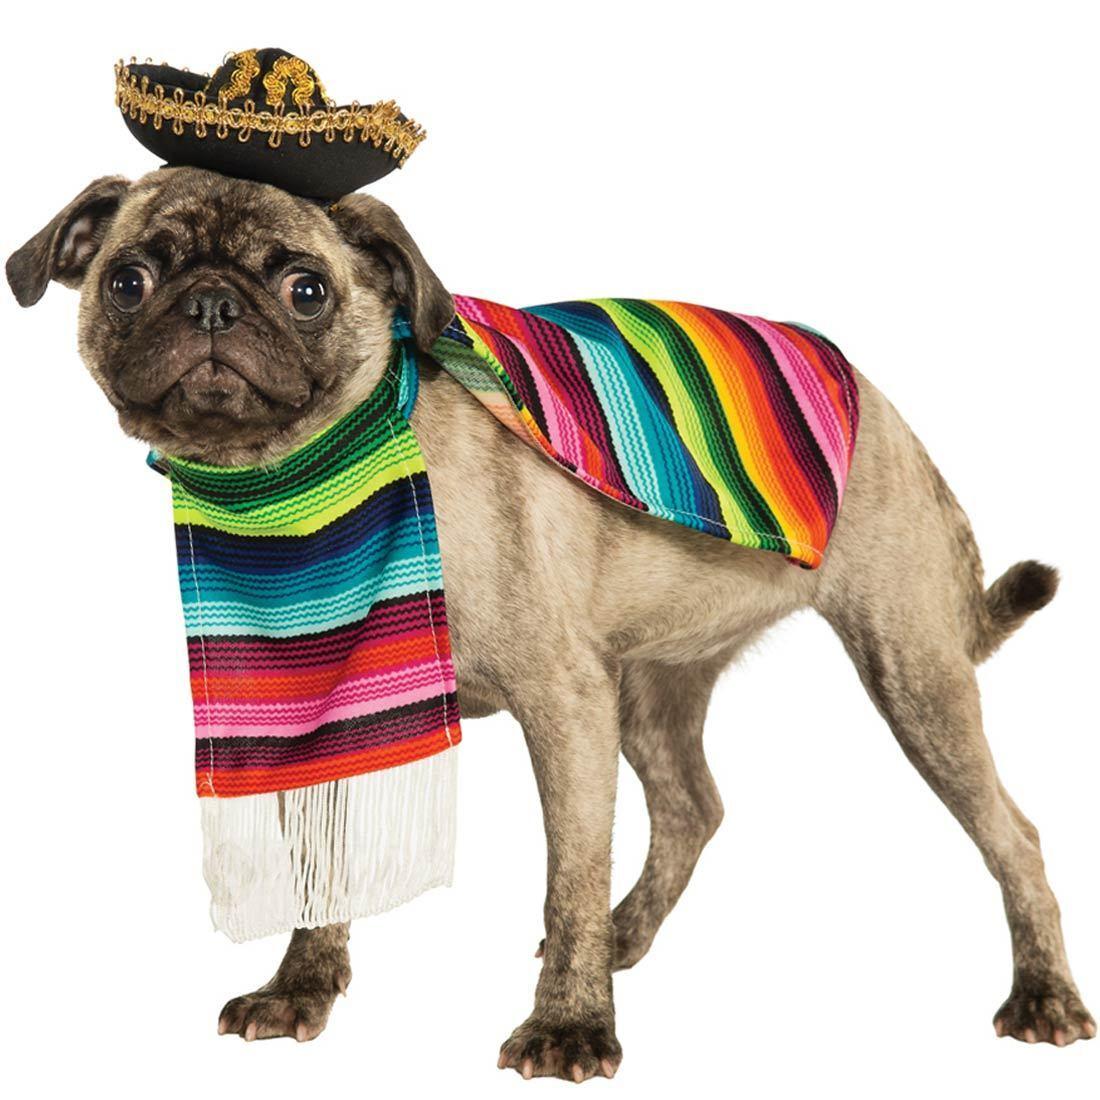 Haustier Hund Katze Mexikanischer Poncho Sombrero Hut Kostüm Kleid Kostüm Outfit    Glücklicher Startpunkt